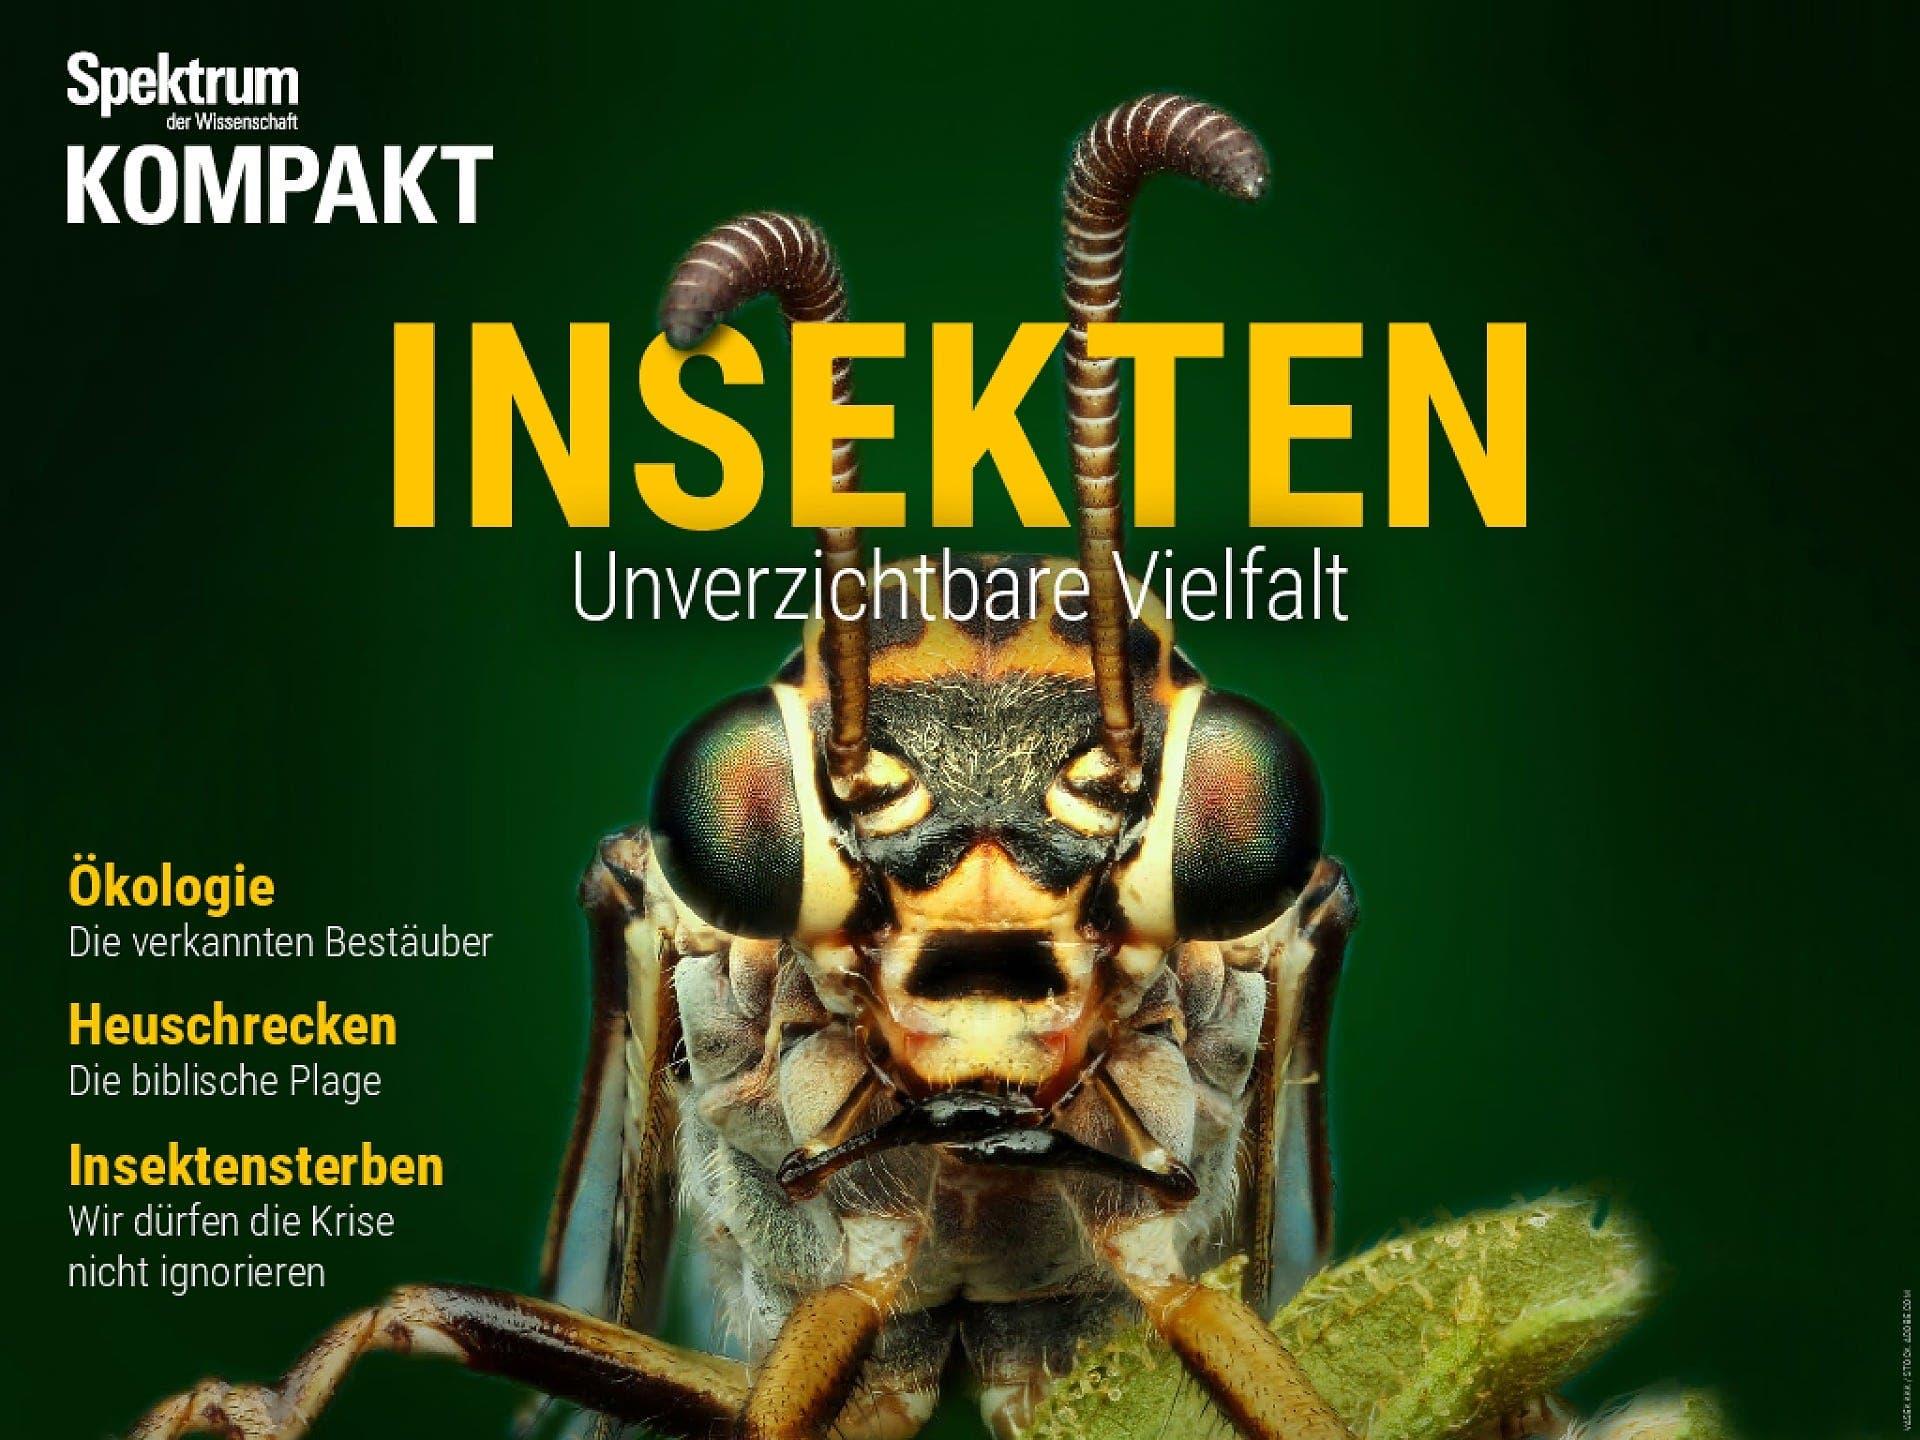 Insekten - Unverzichtbare Vielfalt